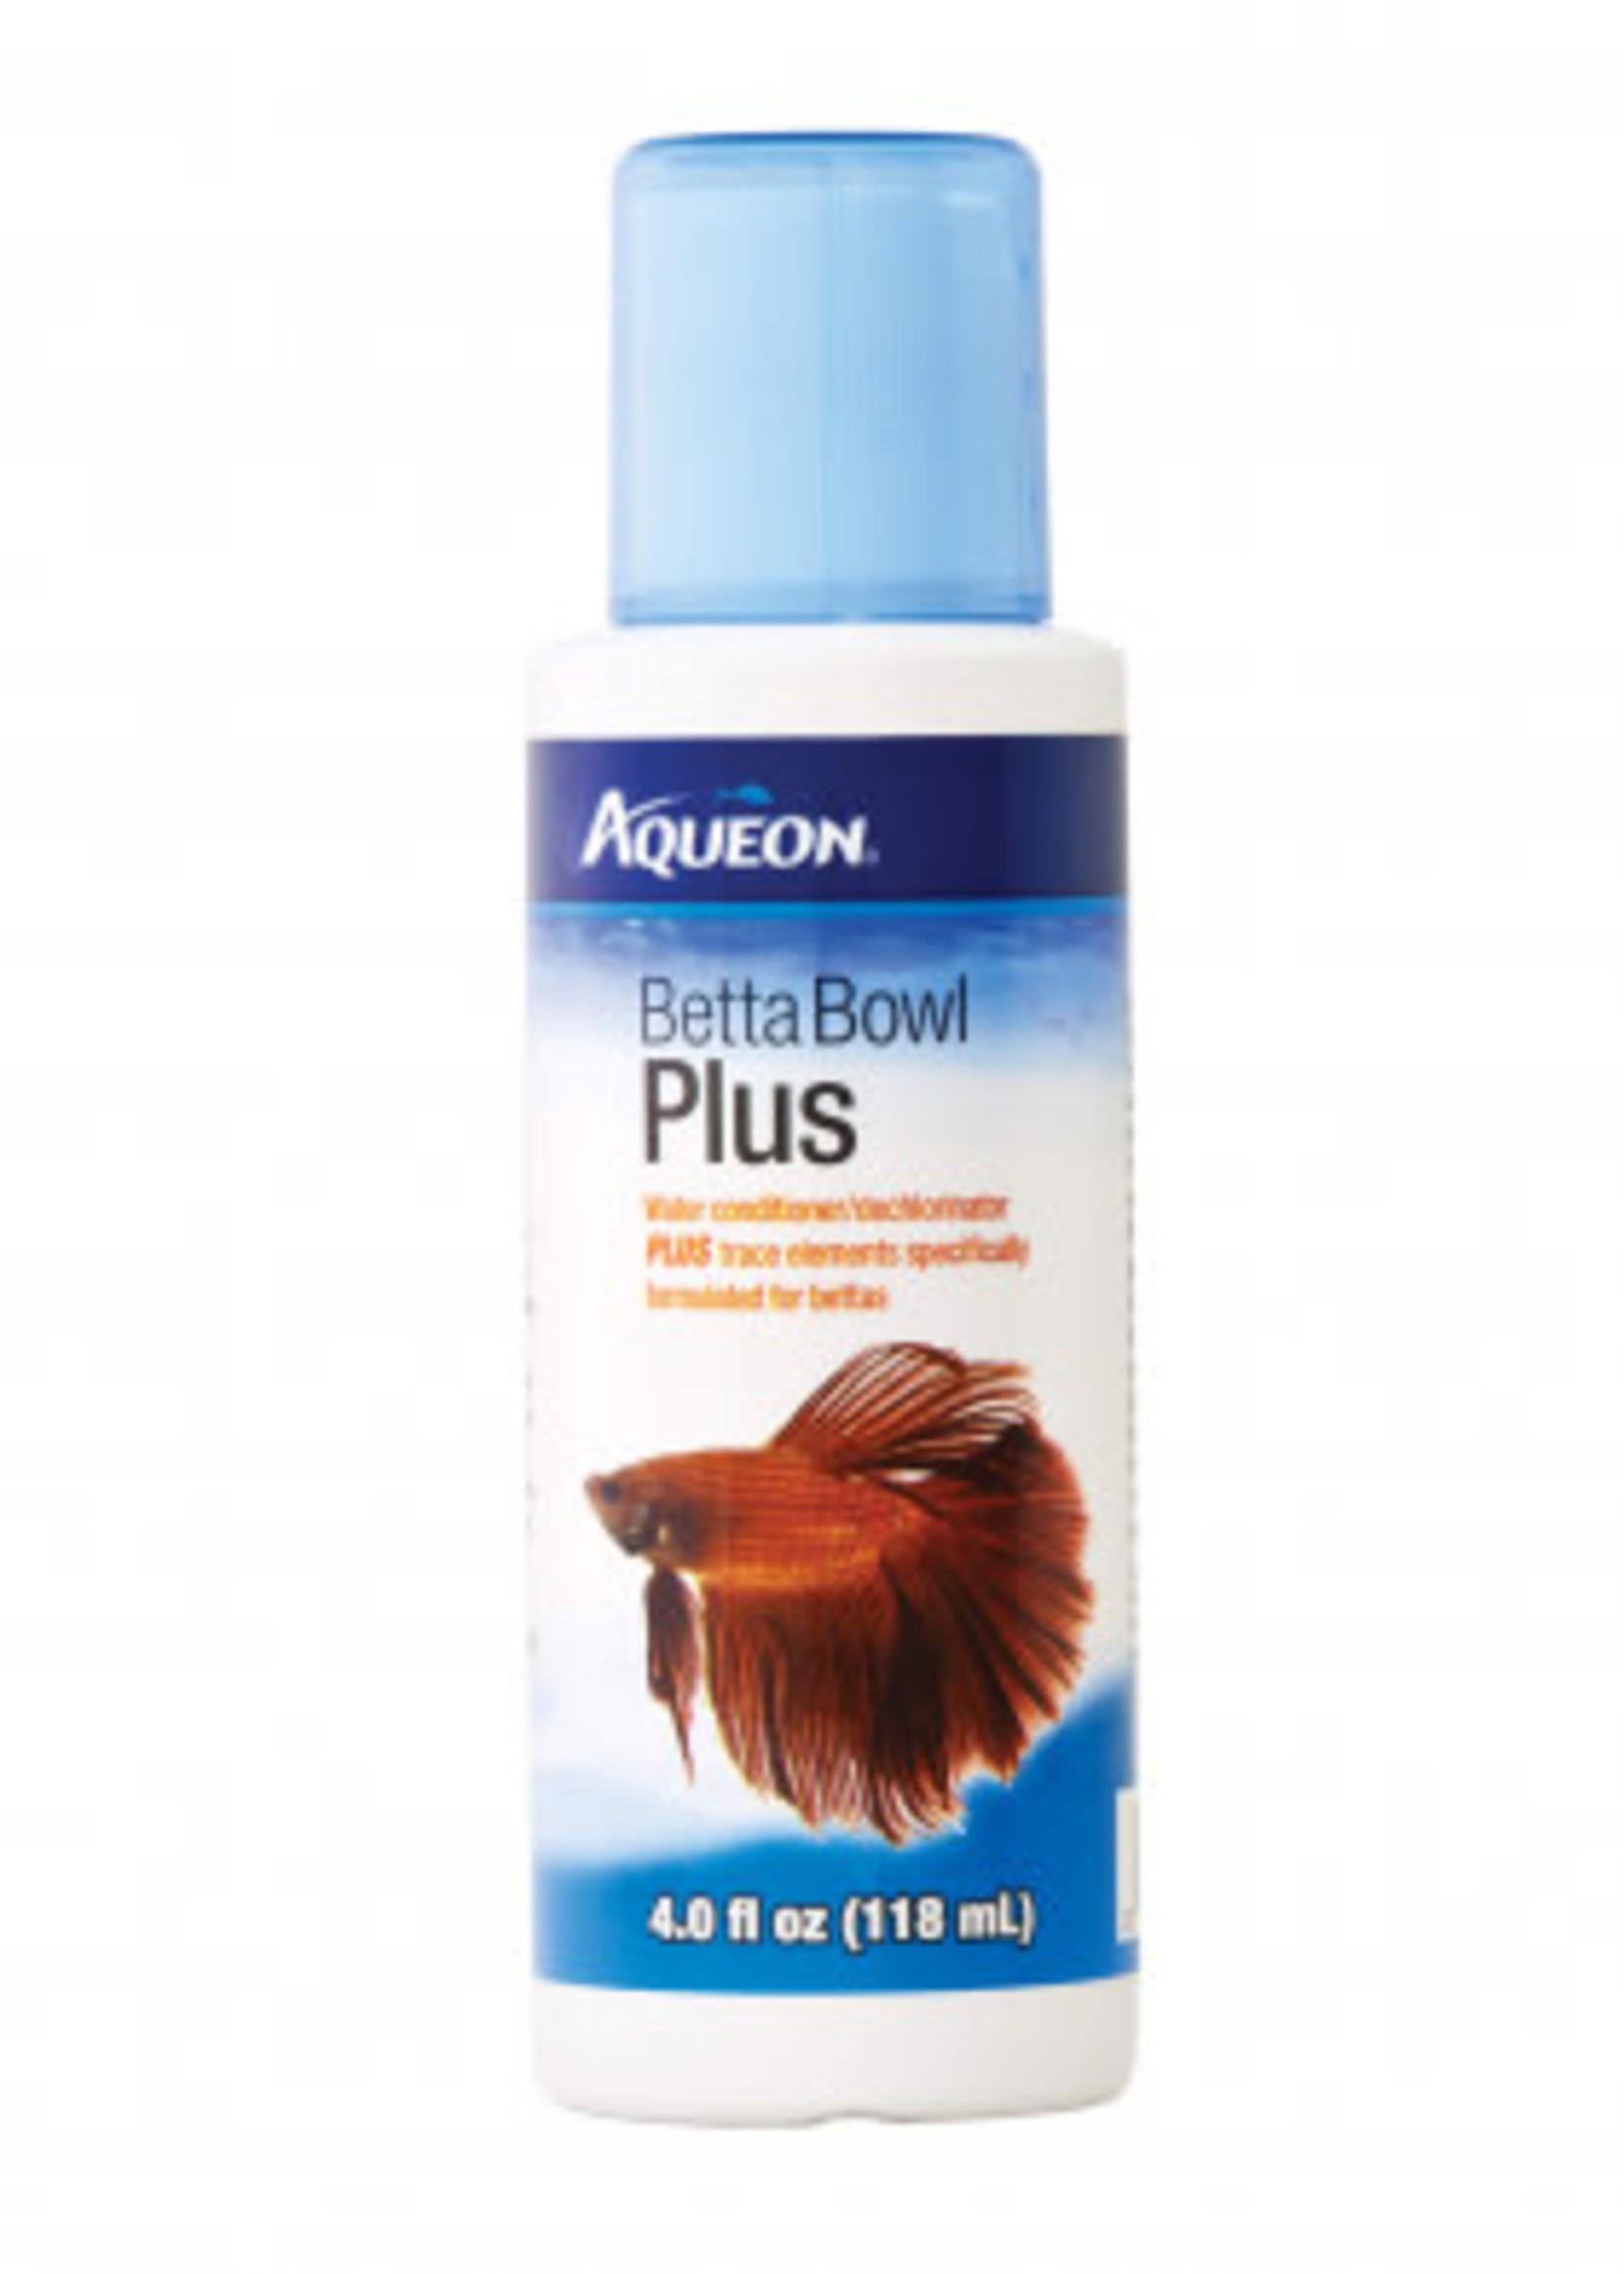 Aqueon® Aqueon Betta Bowl Plus Water Conditioner 4oz